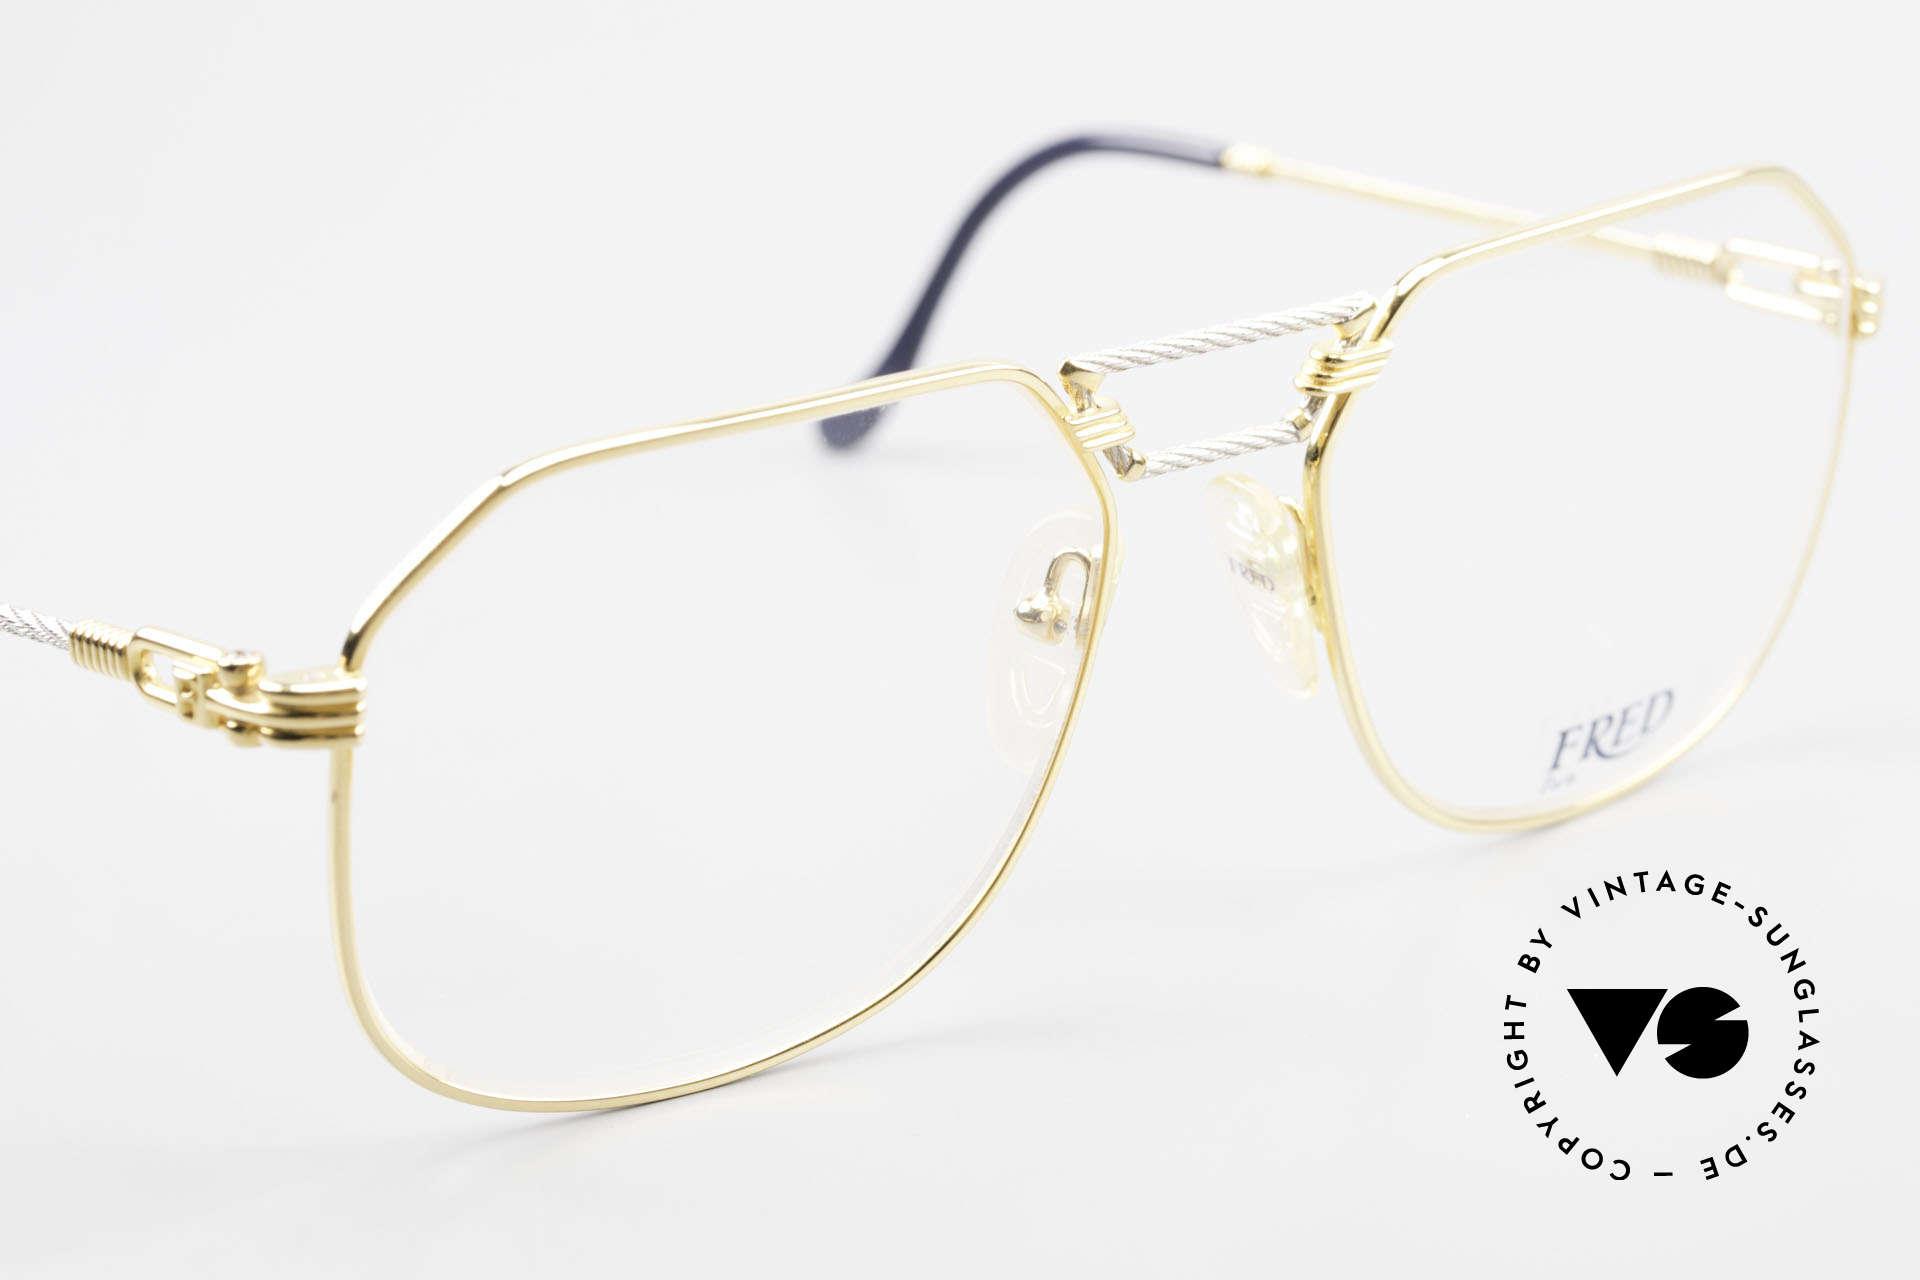 Fred Cap Horn - L Rare Vintage Brille 80er Luxus, kostbare bicolore Ausführung; Platin & 23kt vergoldet, Passend für Herren